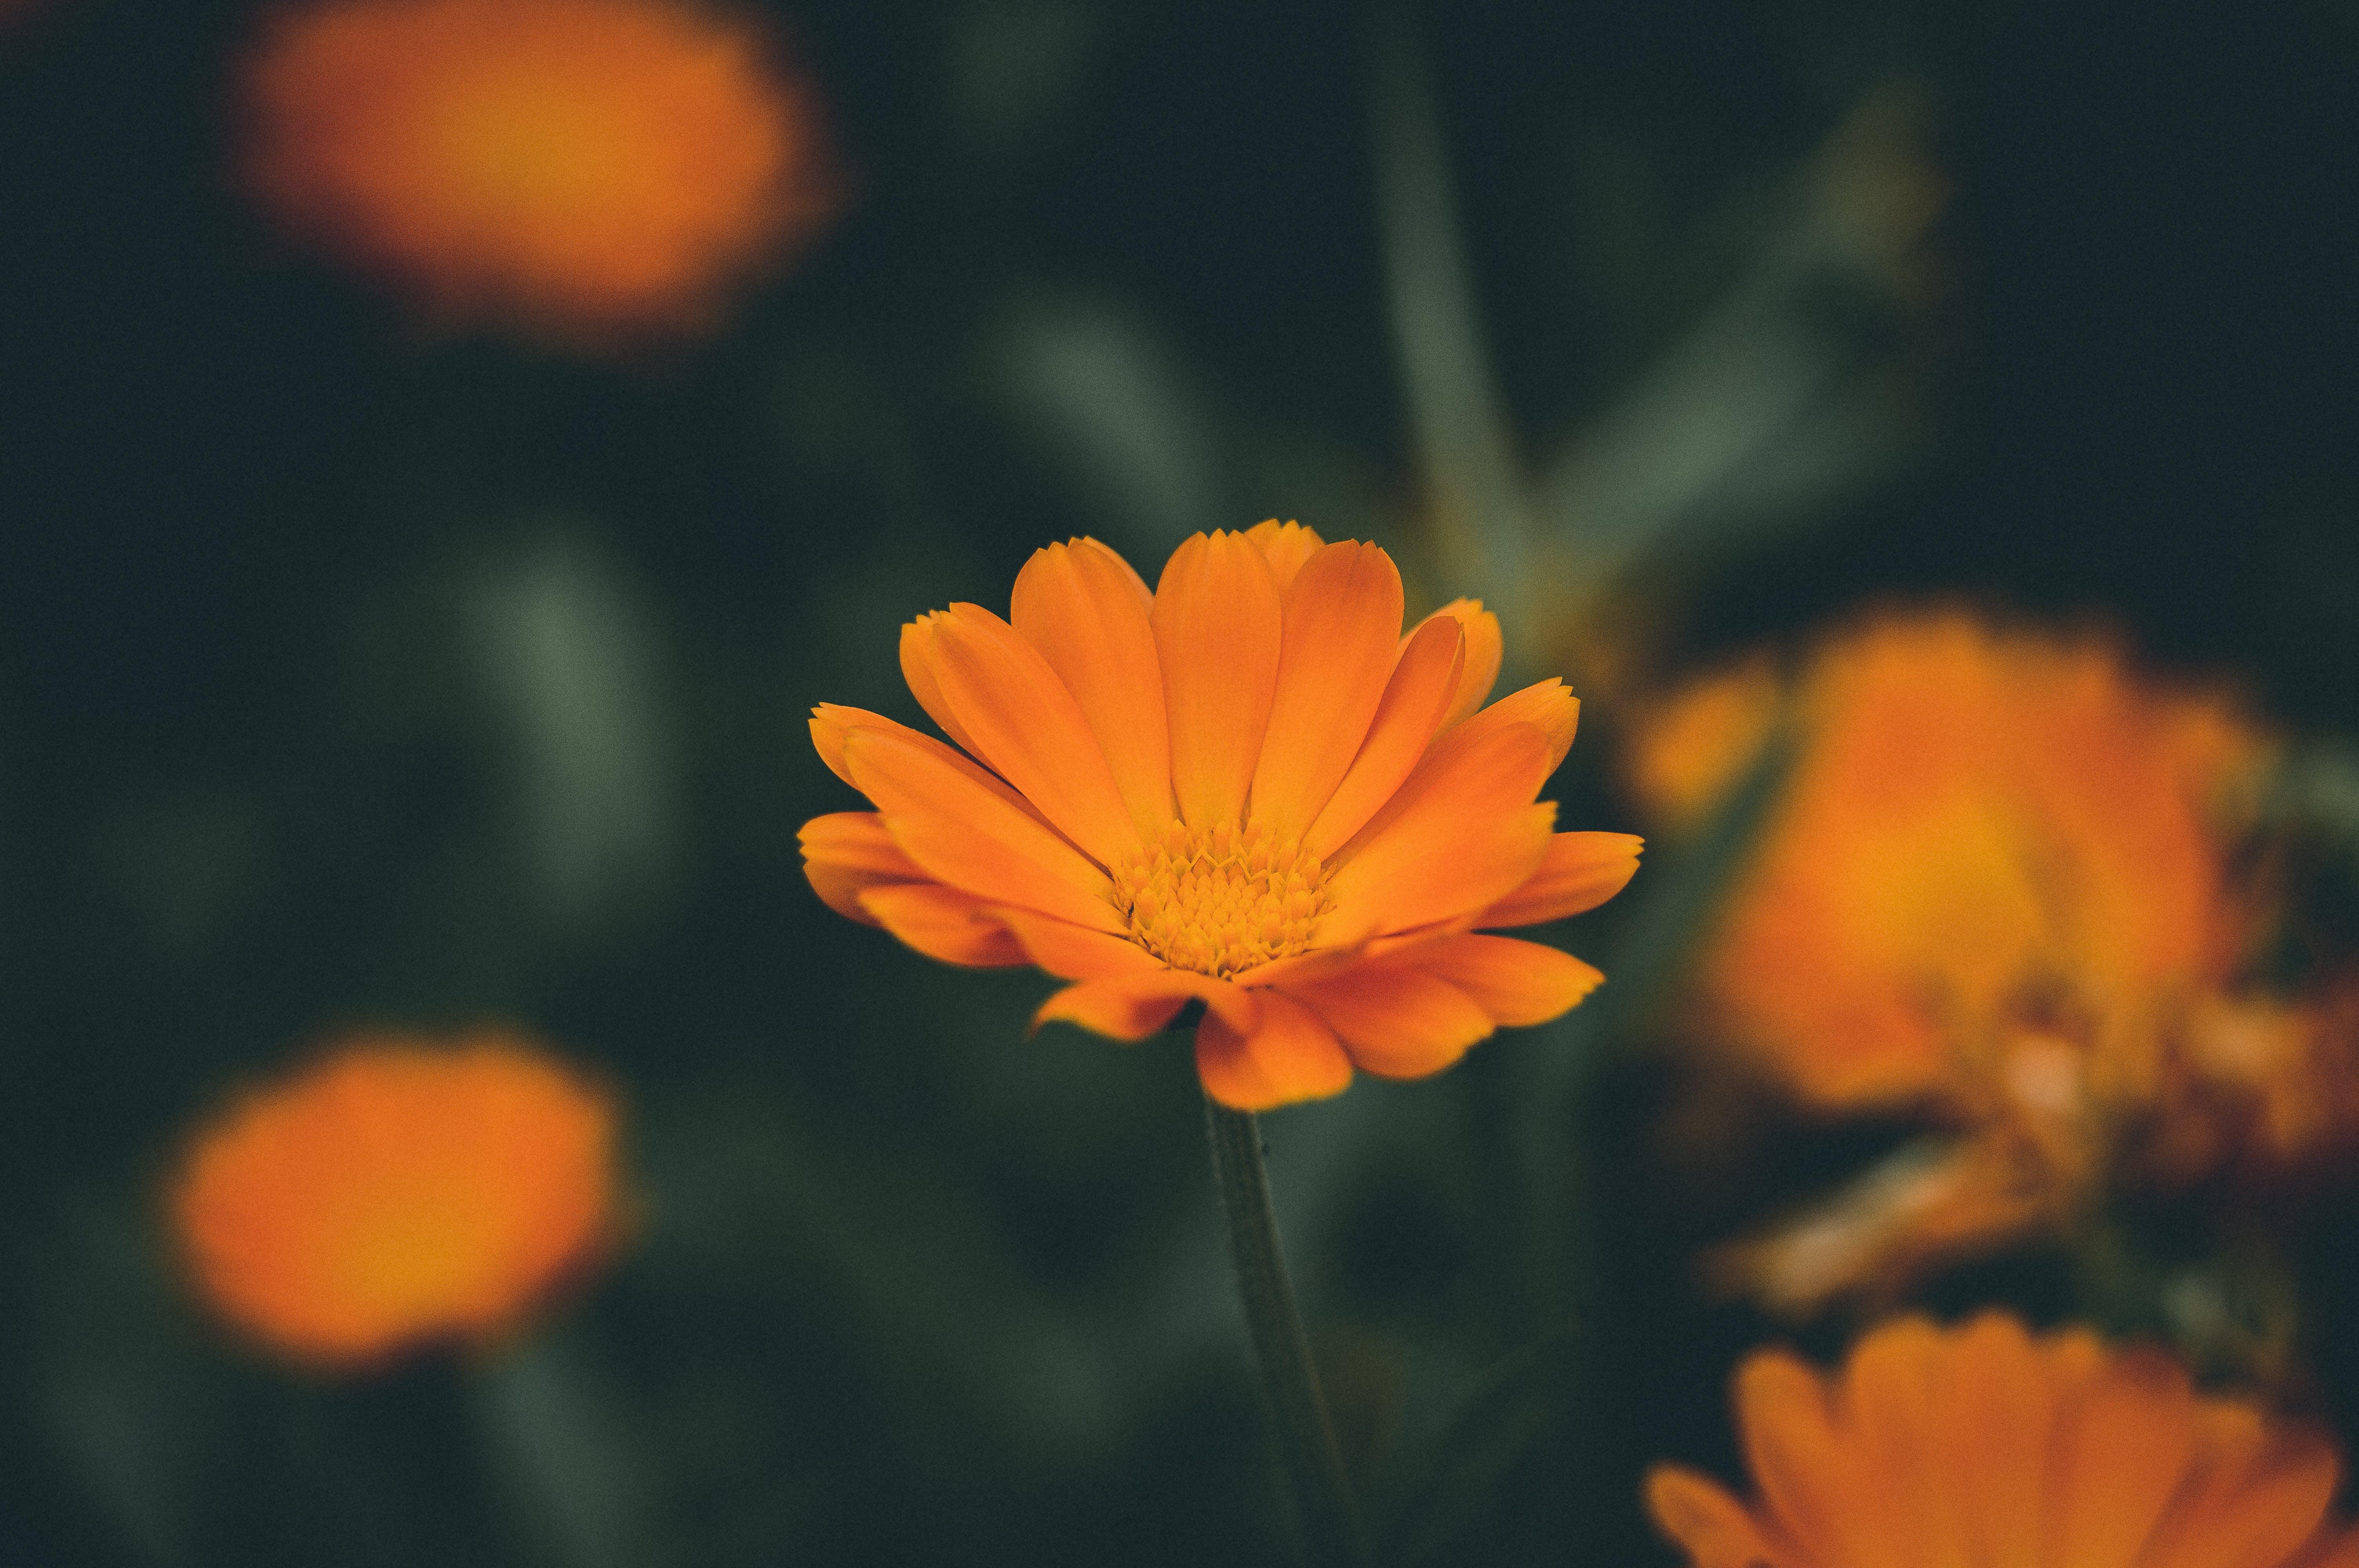 выборочный фокус, красивый, красивый цветок